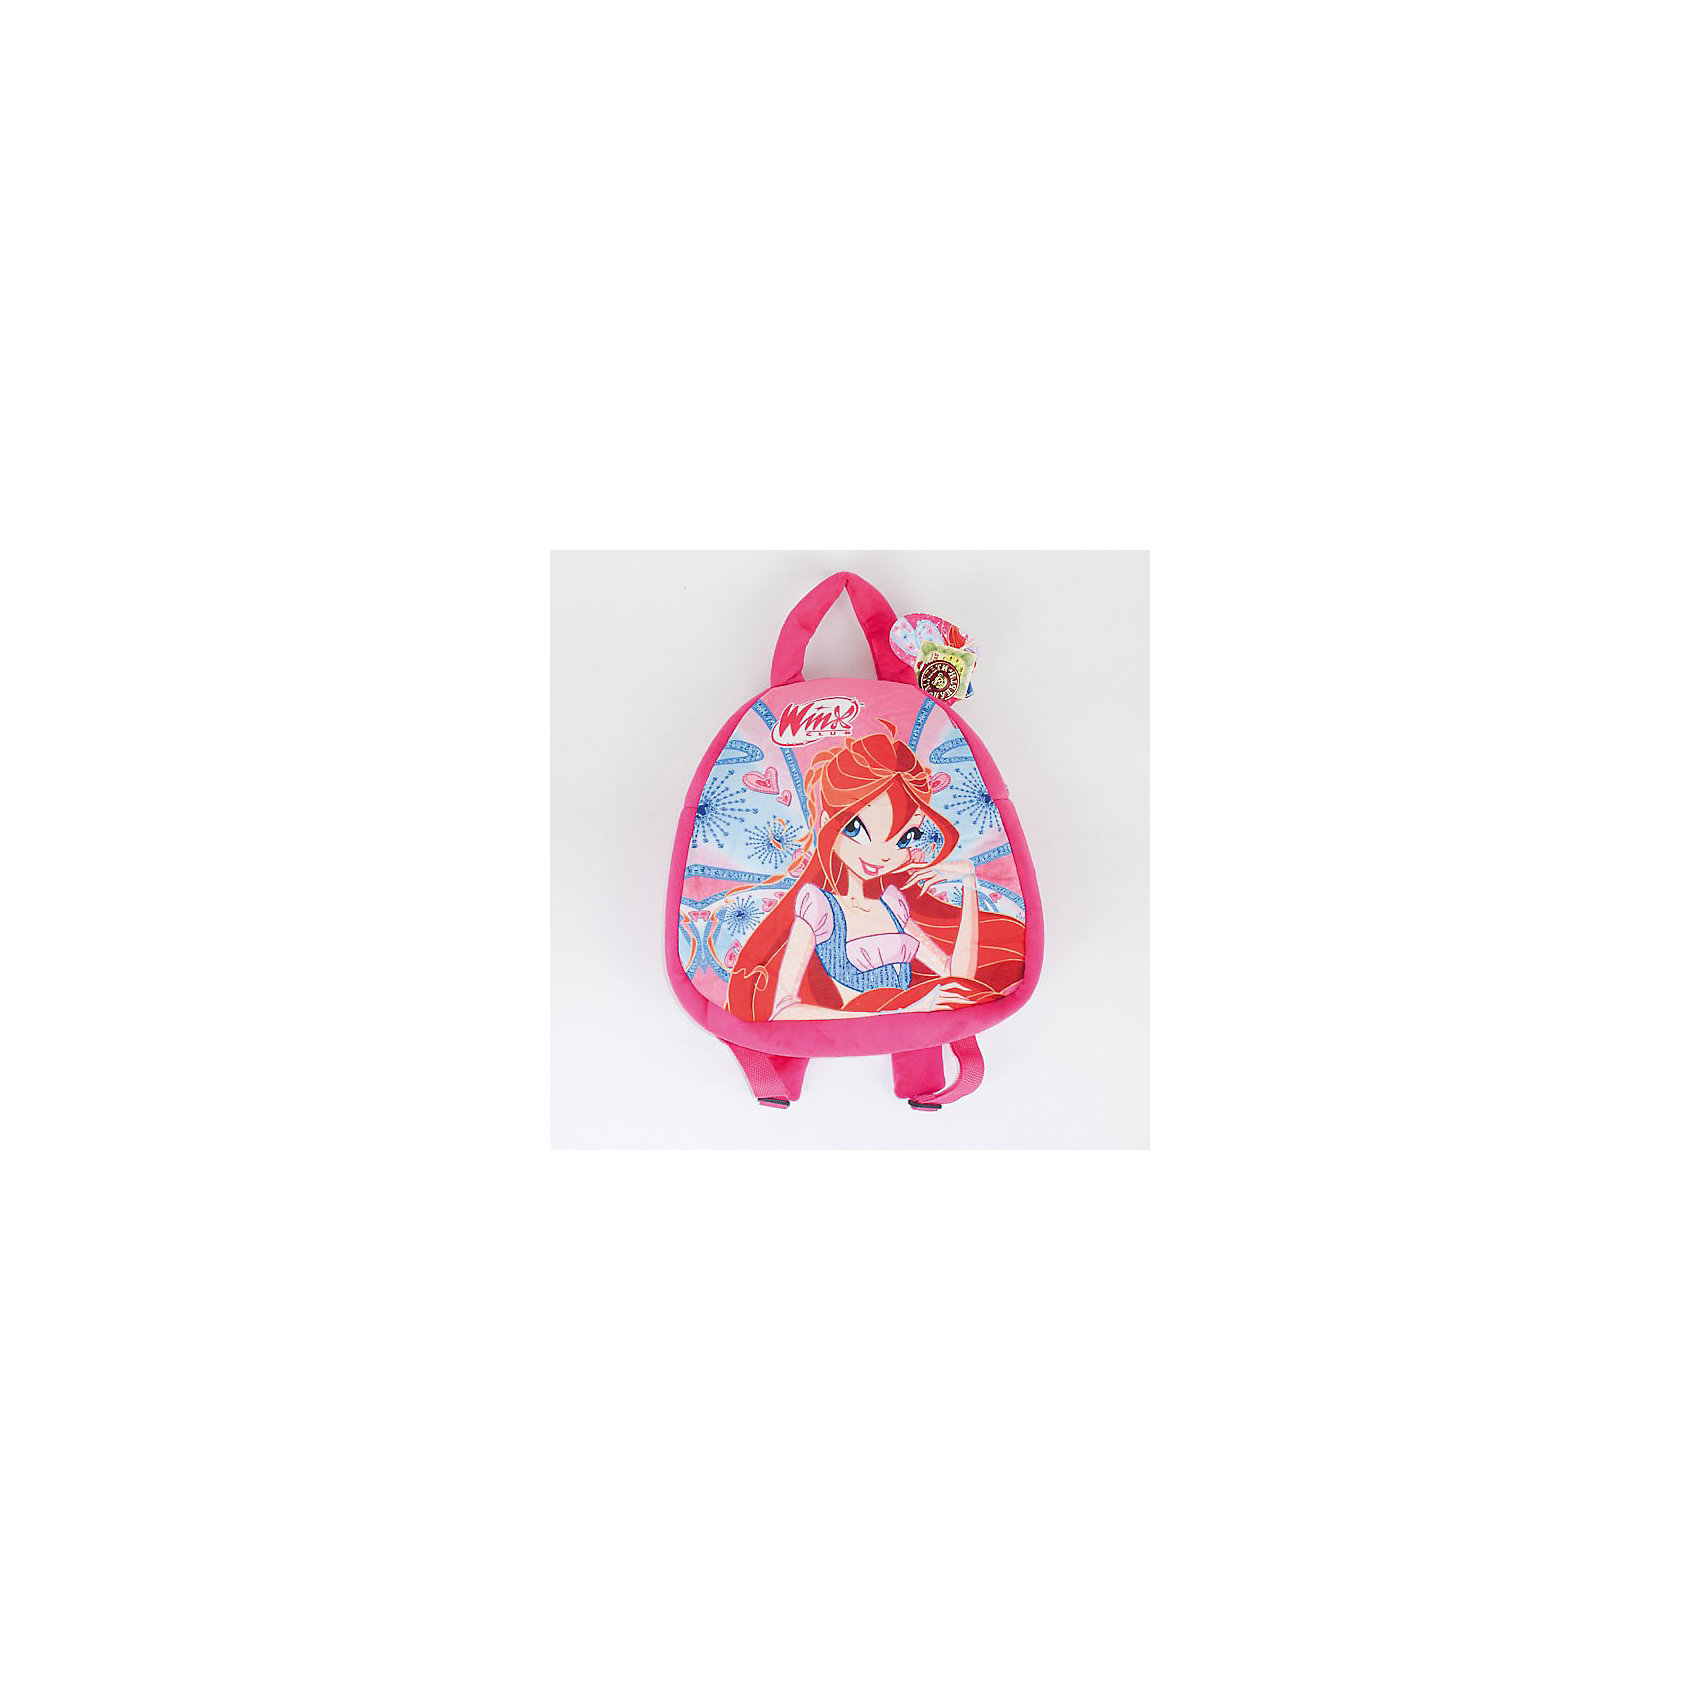 Рюкзак Winx Club, 30см, МУЛЬТИ-ПУЛЬТИСтильный и яркий плюшевый рюкзак, выполненный в розовом цвете и украшенный изображениями героев мультсериала «Winx» приведет в восторг любую девочку.<br>Подарок в виде столь эффектного аксессуара, окажется не только приятным, но и практичным, ведь в рюкзачке так удобно носить любимые игрушки.<br>Рюкзак с широкими регулируемыми по росту лямками имеет одно просторное отделение, застегивающееся на молнию. <br><br>Дополнительная информация:<br><br>Материалы: цветной плюш, текстиль <br>Размеры (высота): 30 см<br>Серия: Winx (Винкс) - Школа Волшебниц<br><br>Winx (Винкс)  Рюкзак мягкий, 30см можно купить в нашем магазине.<br><br>Ширина мм: 180<br>Глубина мм: 180<br>Высота мм: 300<br>Вес г: 104<br>Возраст от месяцев: 18<br>Возраст до месяцев: 144<br>Пол: Унисекс<br>Возраст: Детский<br>SKU: 3143920